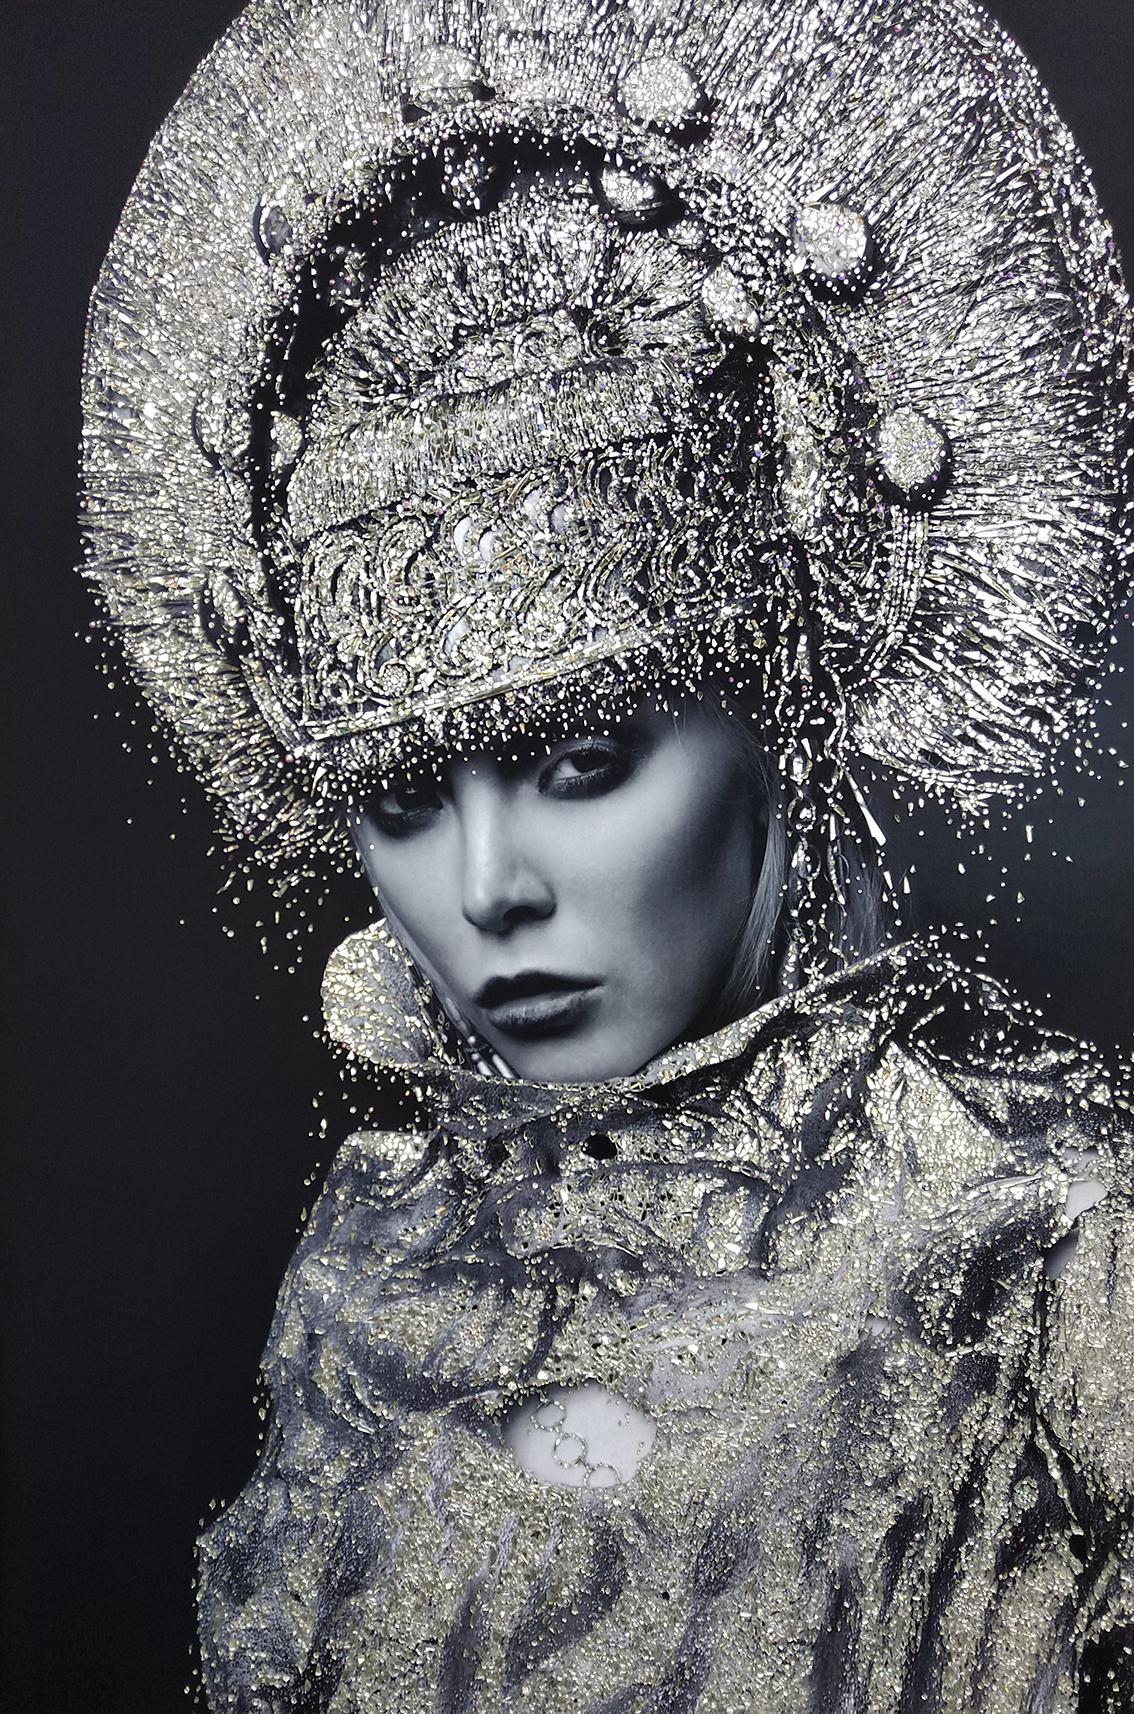 Regina guerriera - VanitartCollezione Le Regine GuerriereMisura 100x150 cmLavorazione in cristalli Swarovski e Specchi